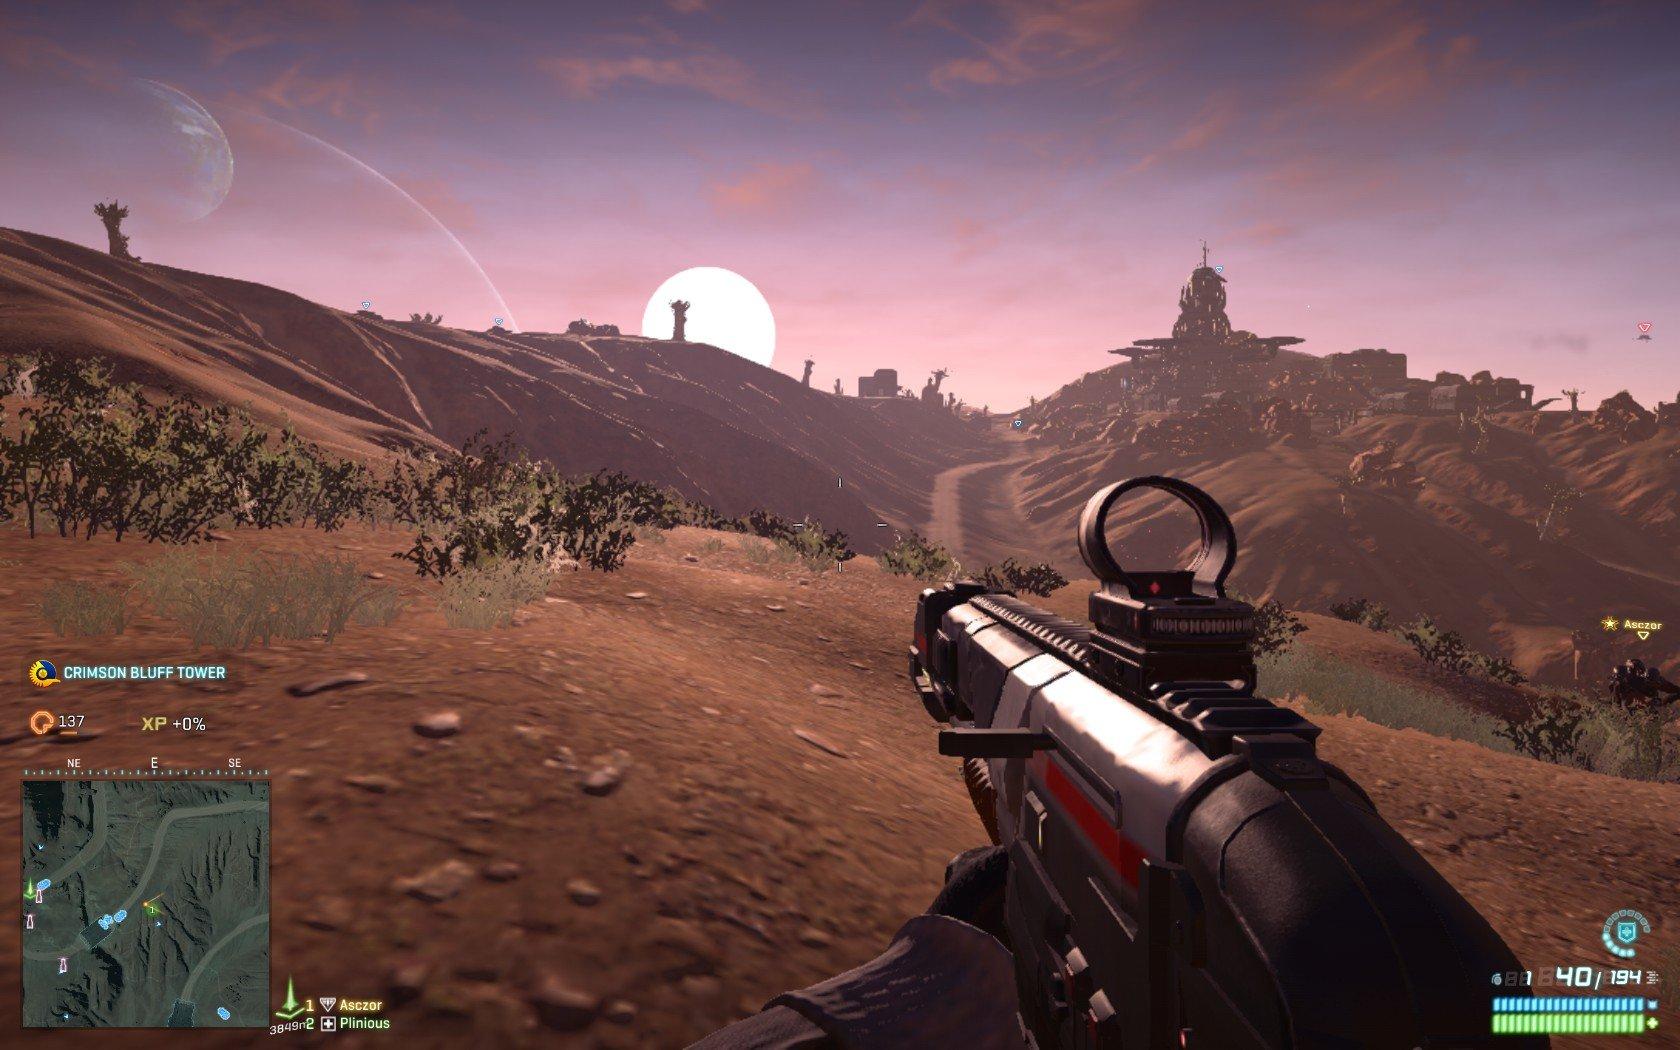 PlanetSide 2 free to play